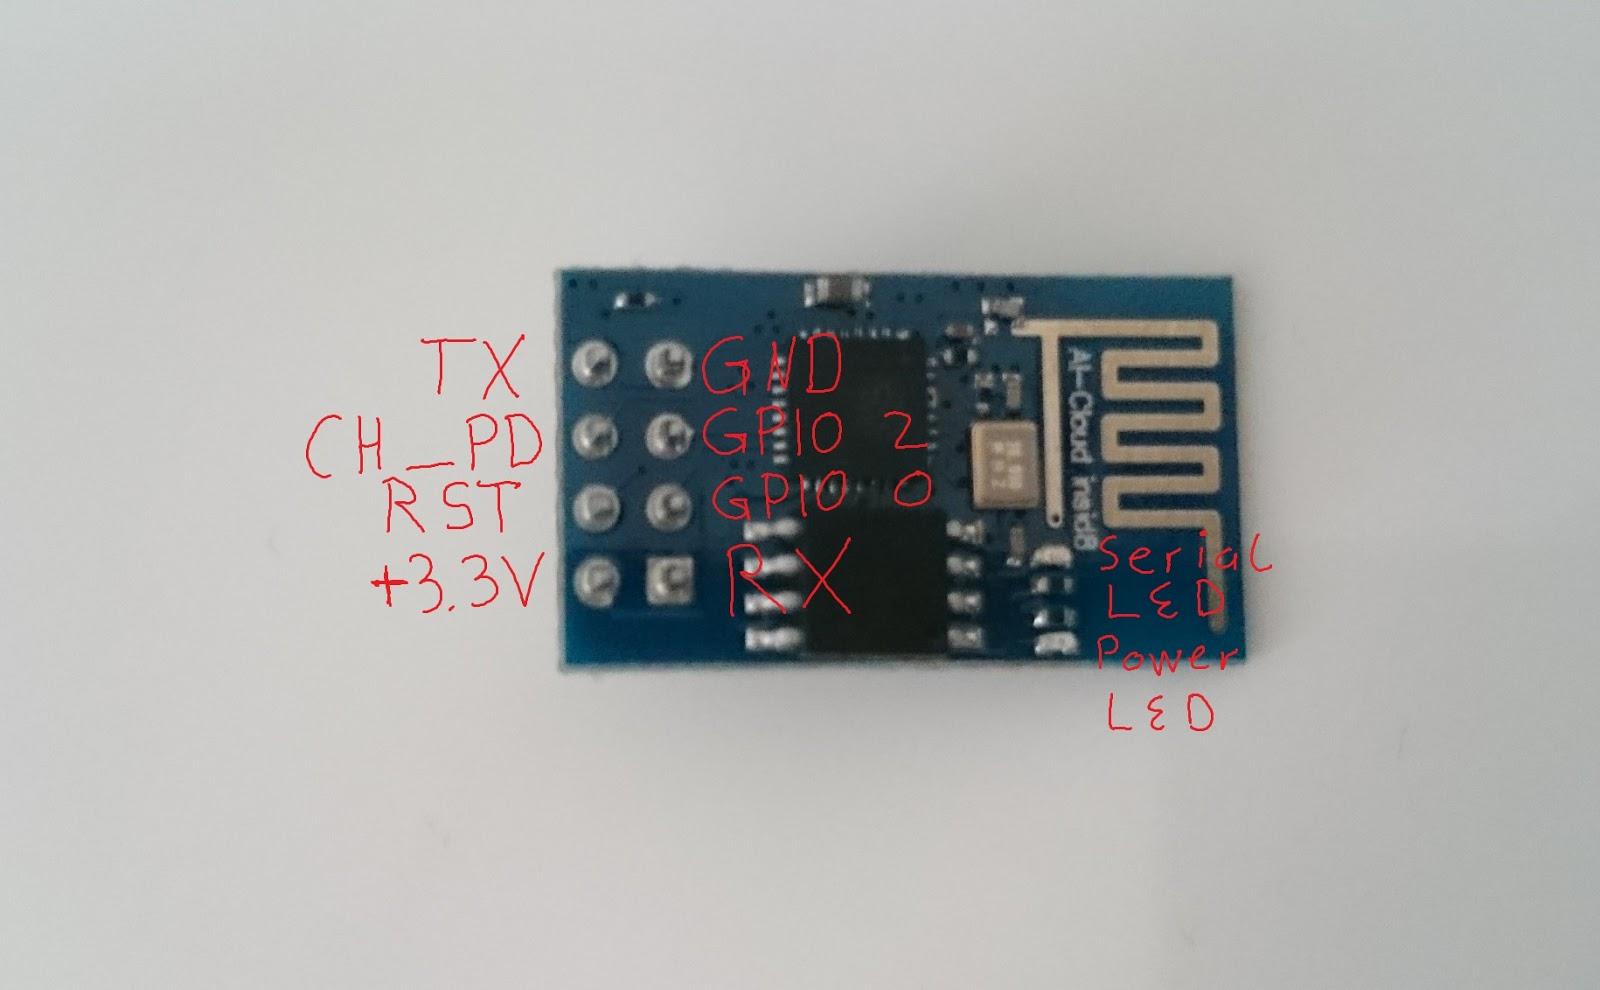 michaelsarduino: LED über Internet steuern mit ESP 8266